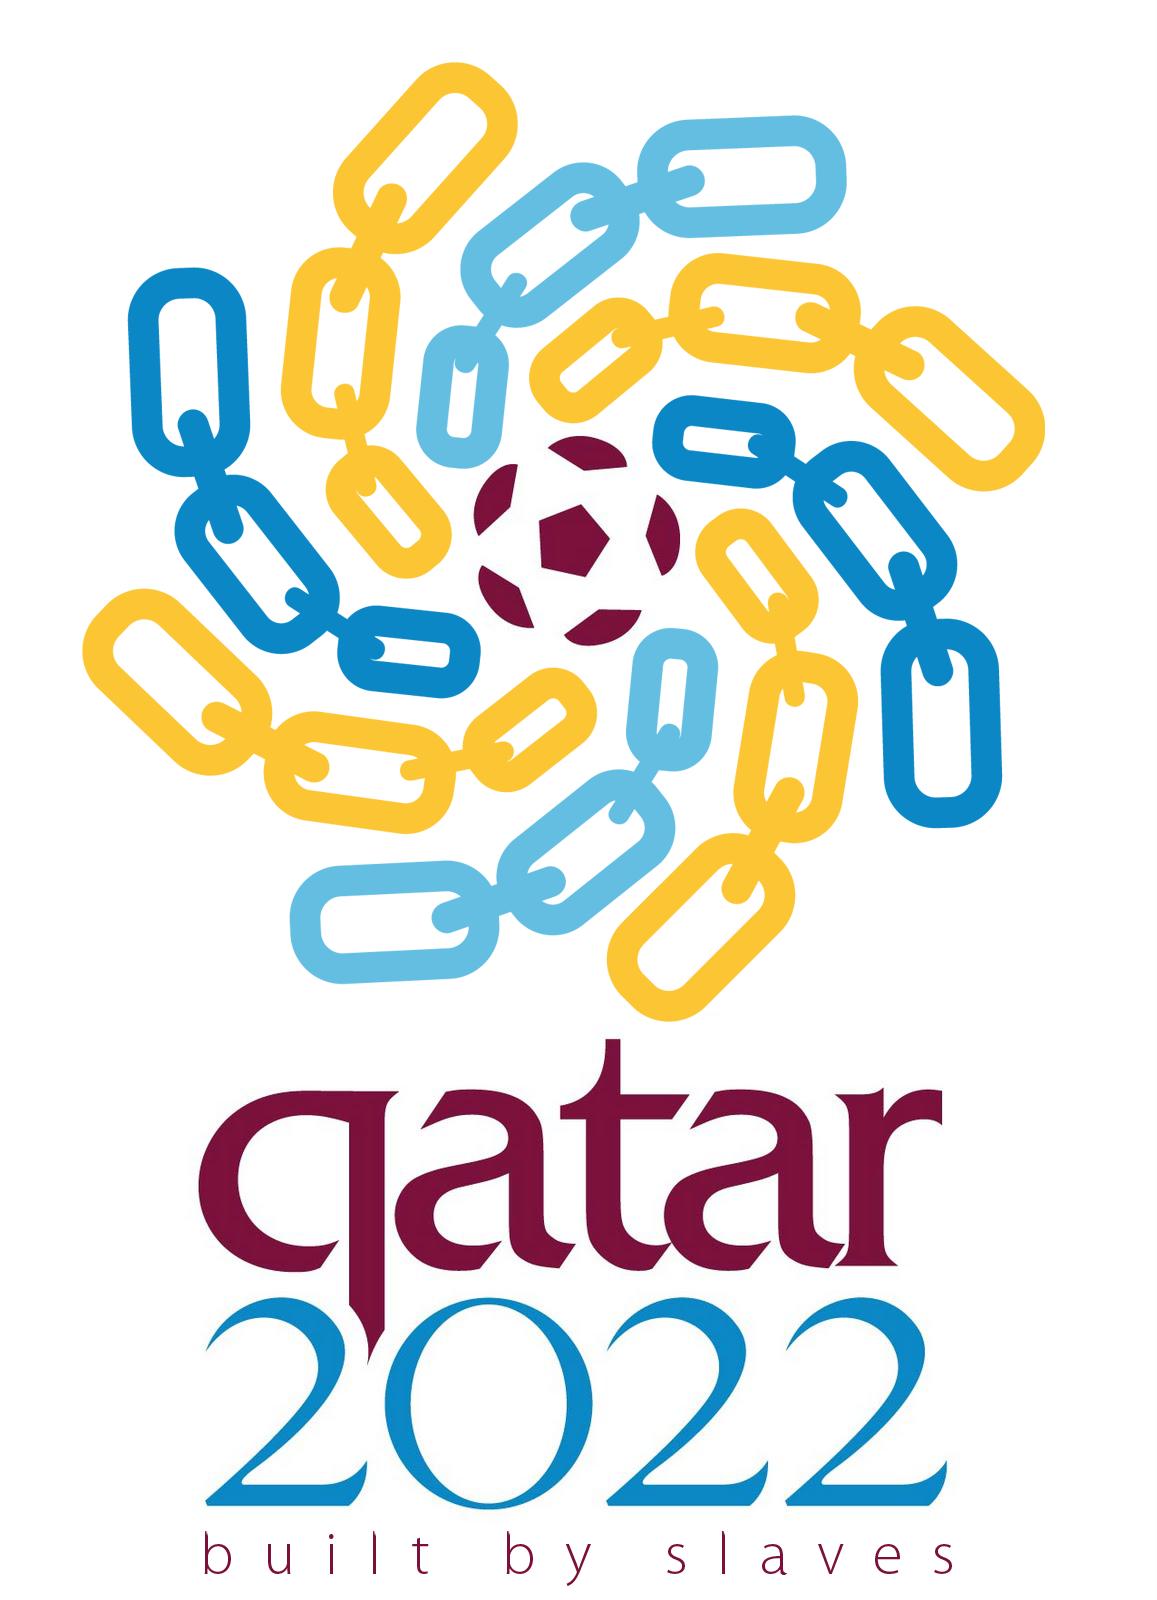 Kontroversi Piala Dunia Sepakbola 2022 Di Qatar, Dan Masyarakat Indonesia Yang Ingin Menyaksikannya 2 - marketpialadunia.com